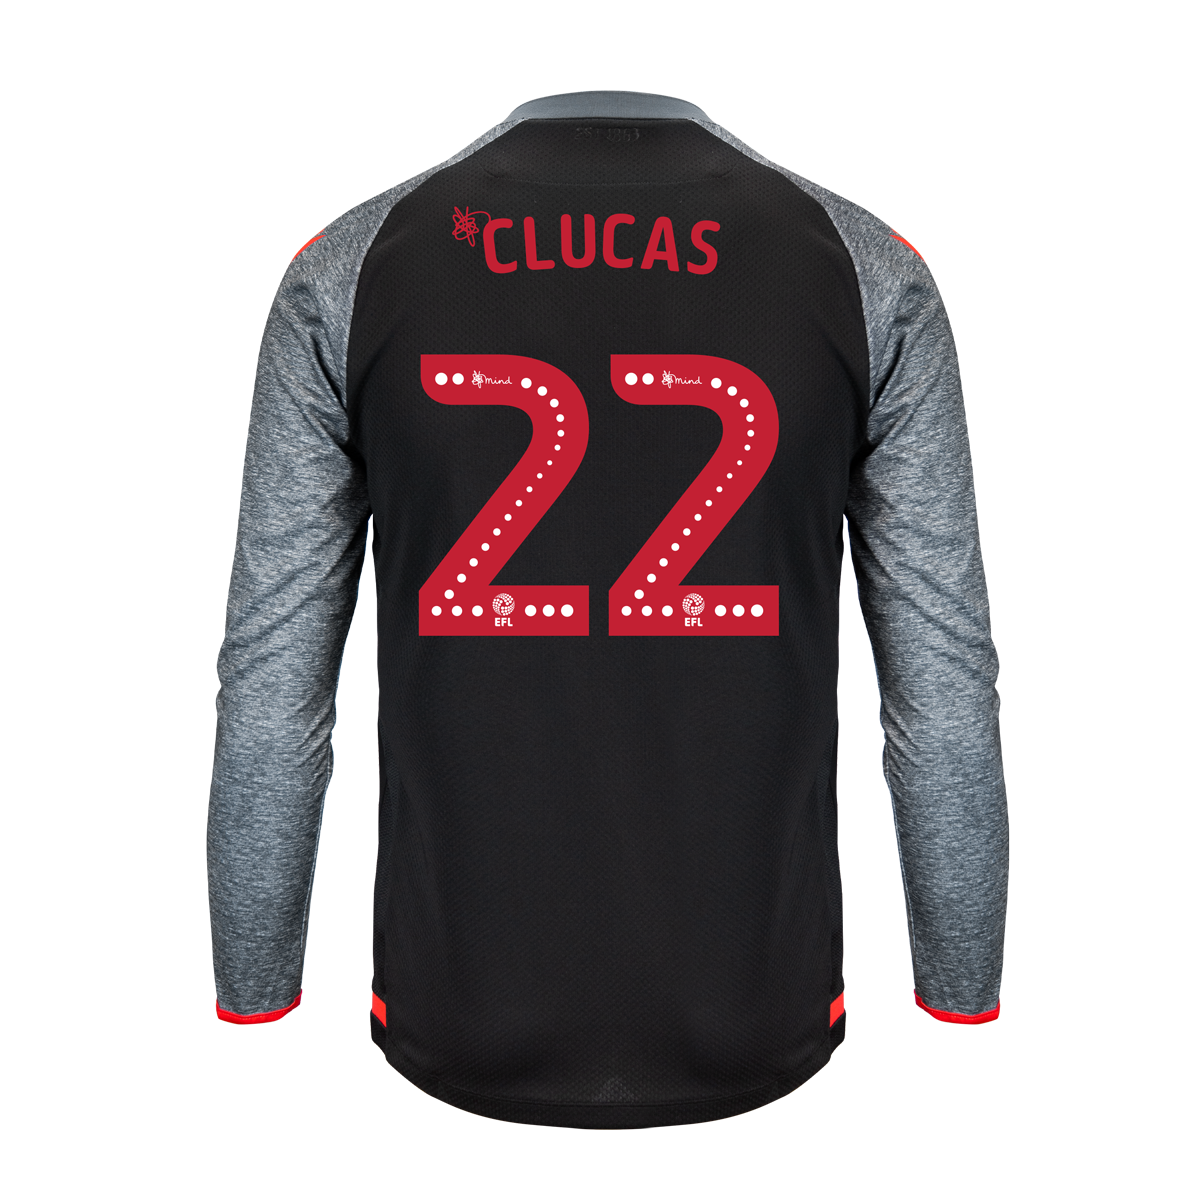 2019/20 Junior Away LS Shirt - Clucas